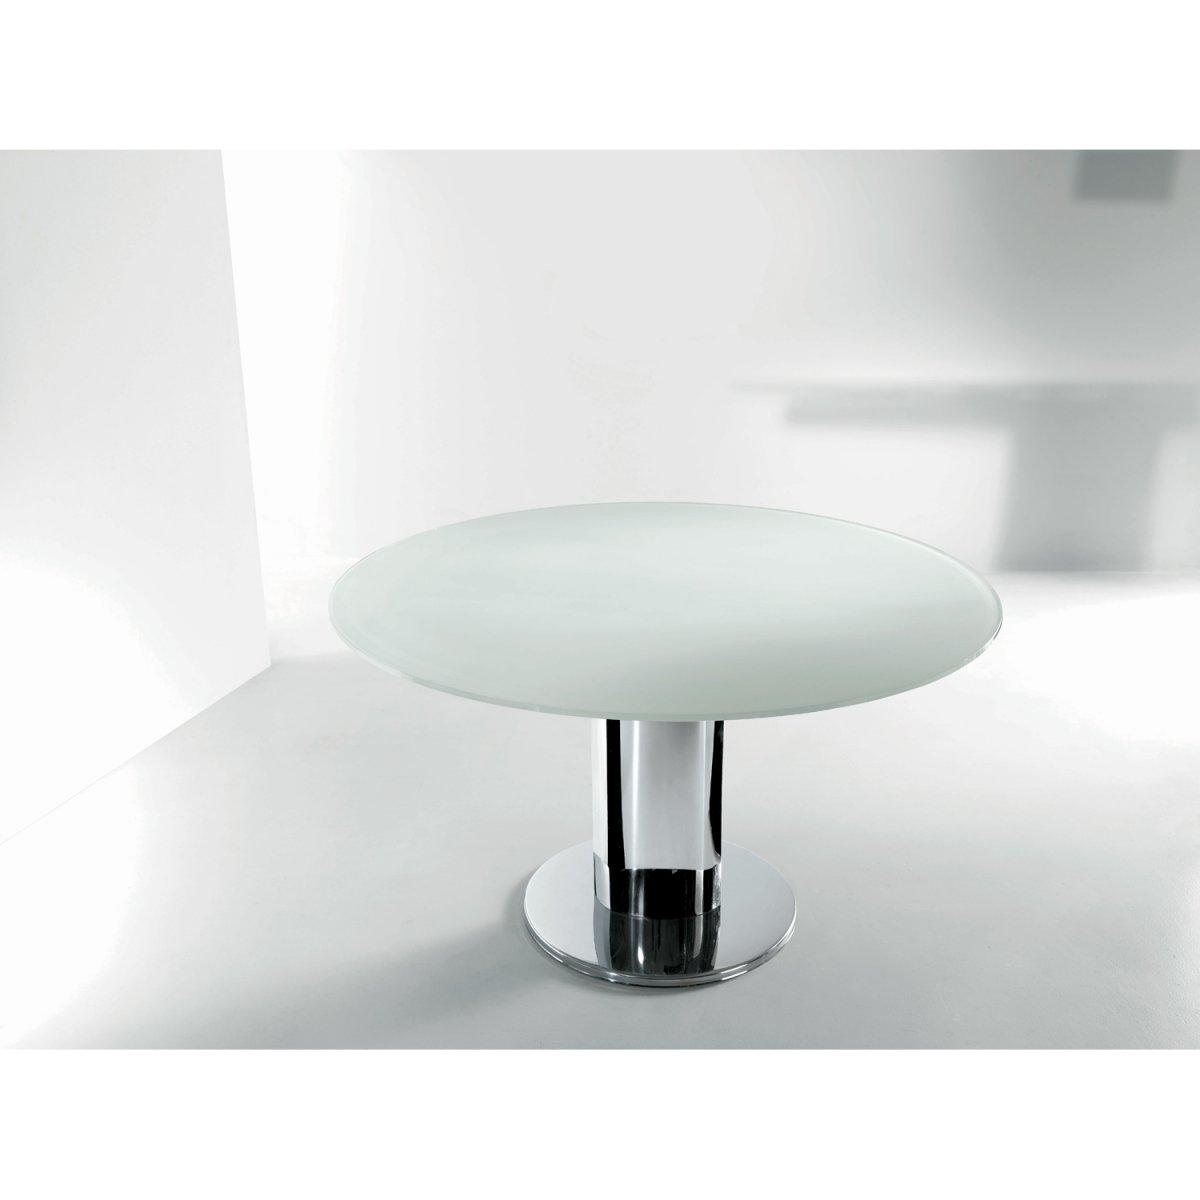 Tavoli Rotondi In Vetro Cristallo.Bontempi Casa Tavolo Giro Allungabile Rotondo Vetro Laccato 130